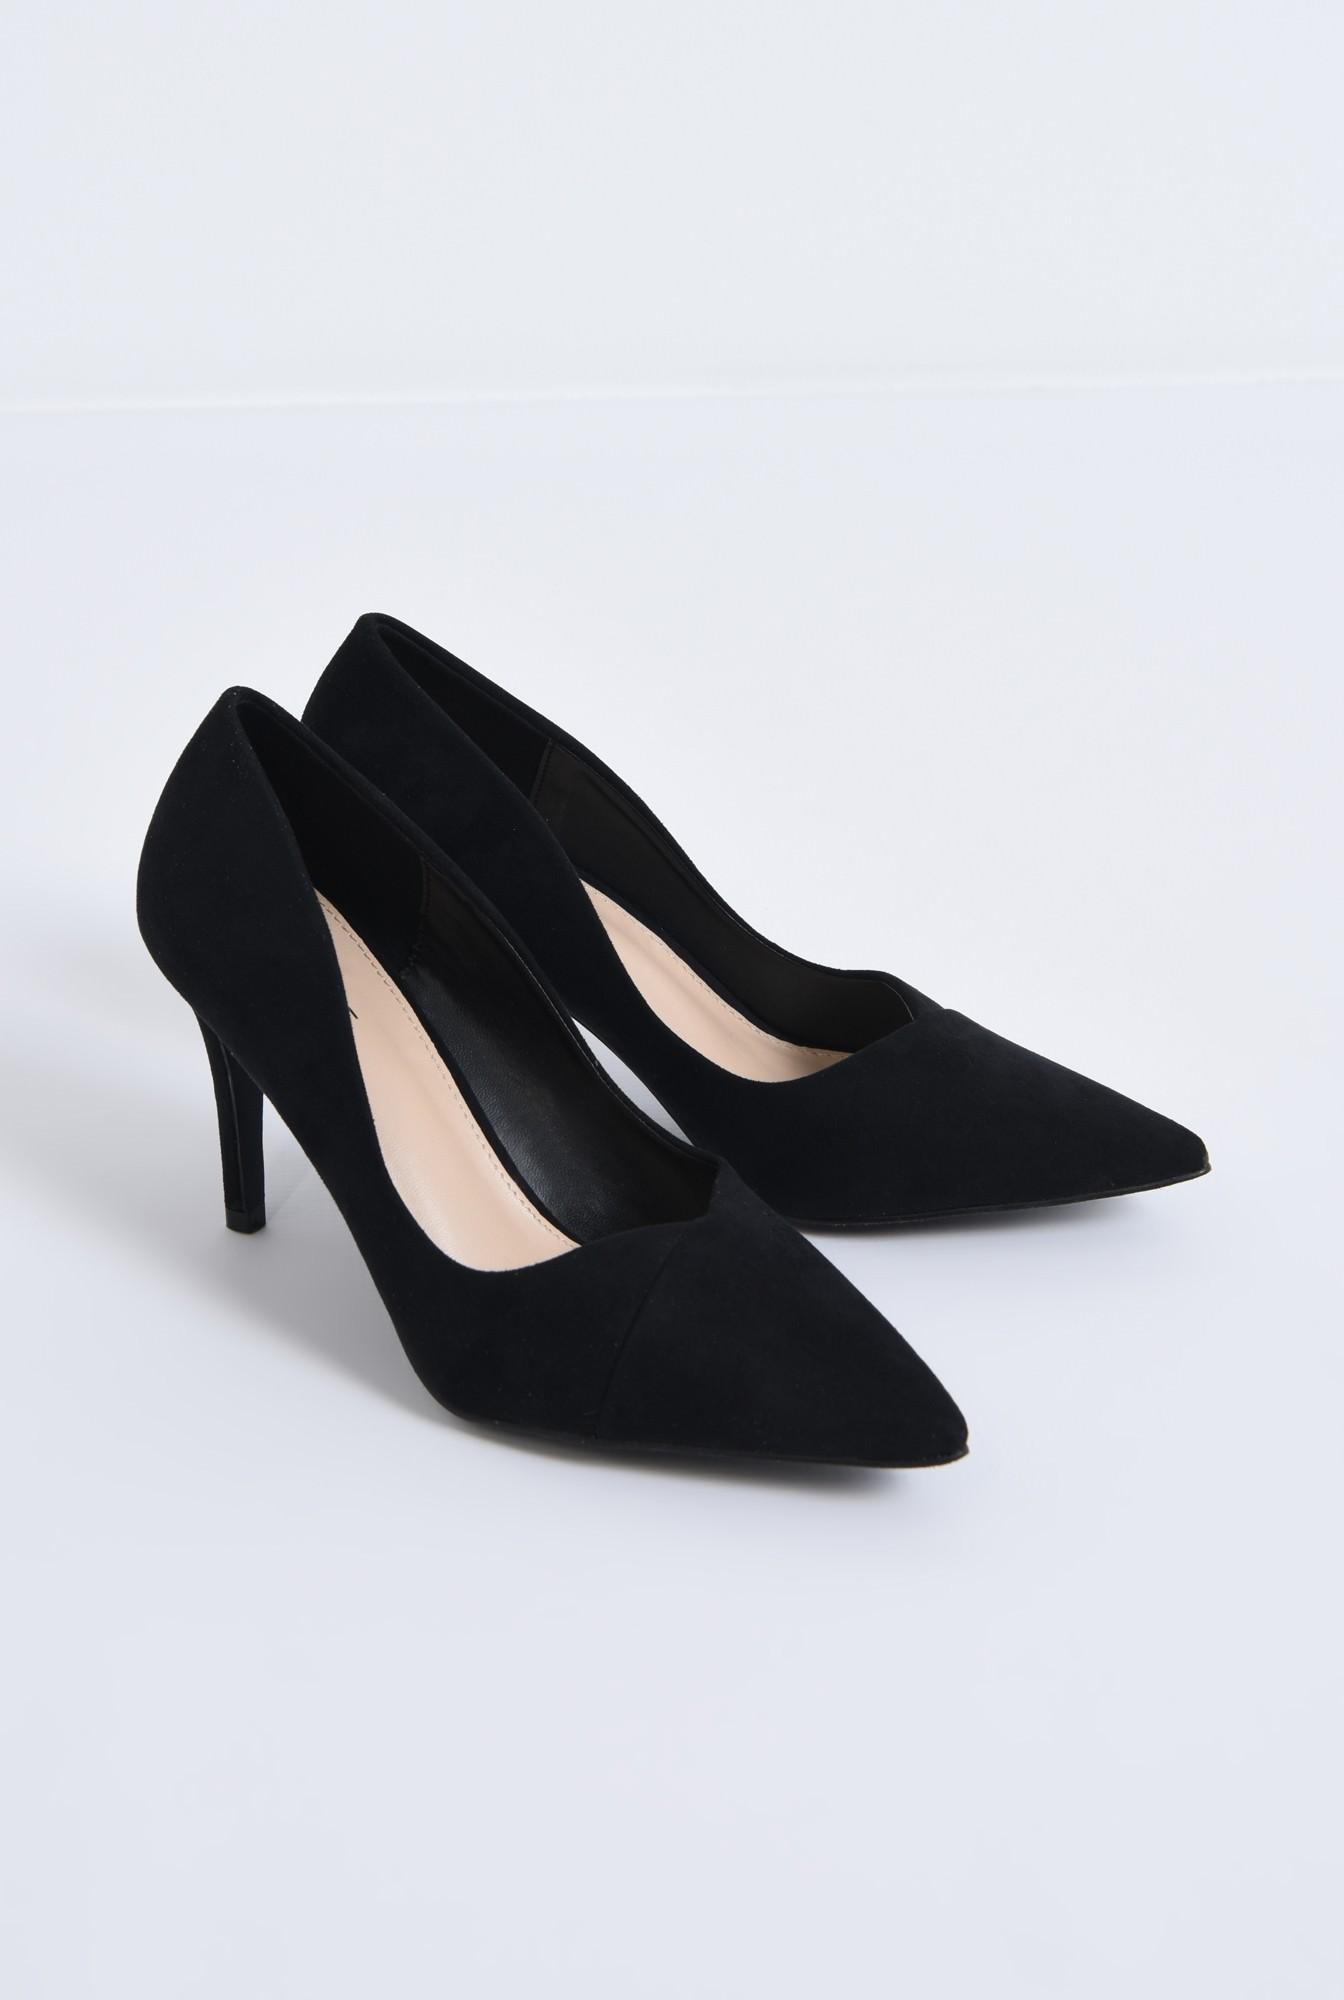 1 - pantofi casual, negru, toc subtire